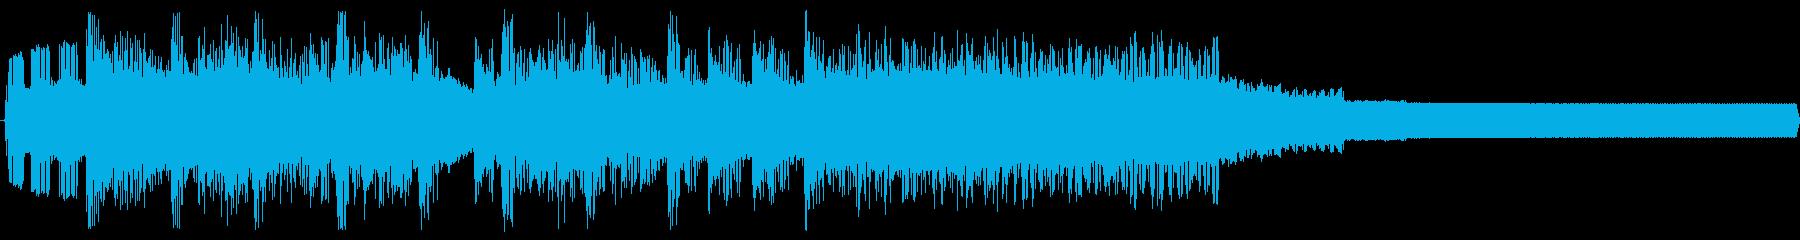 チップチューンの明るいファンファーレの再生済みの波形